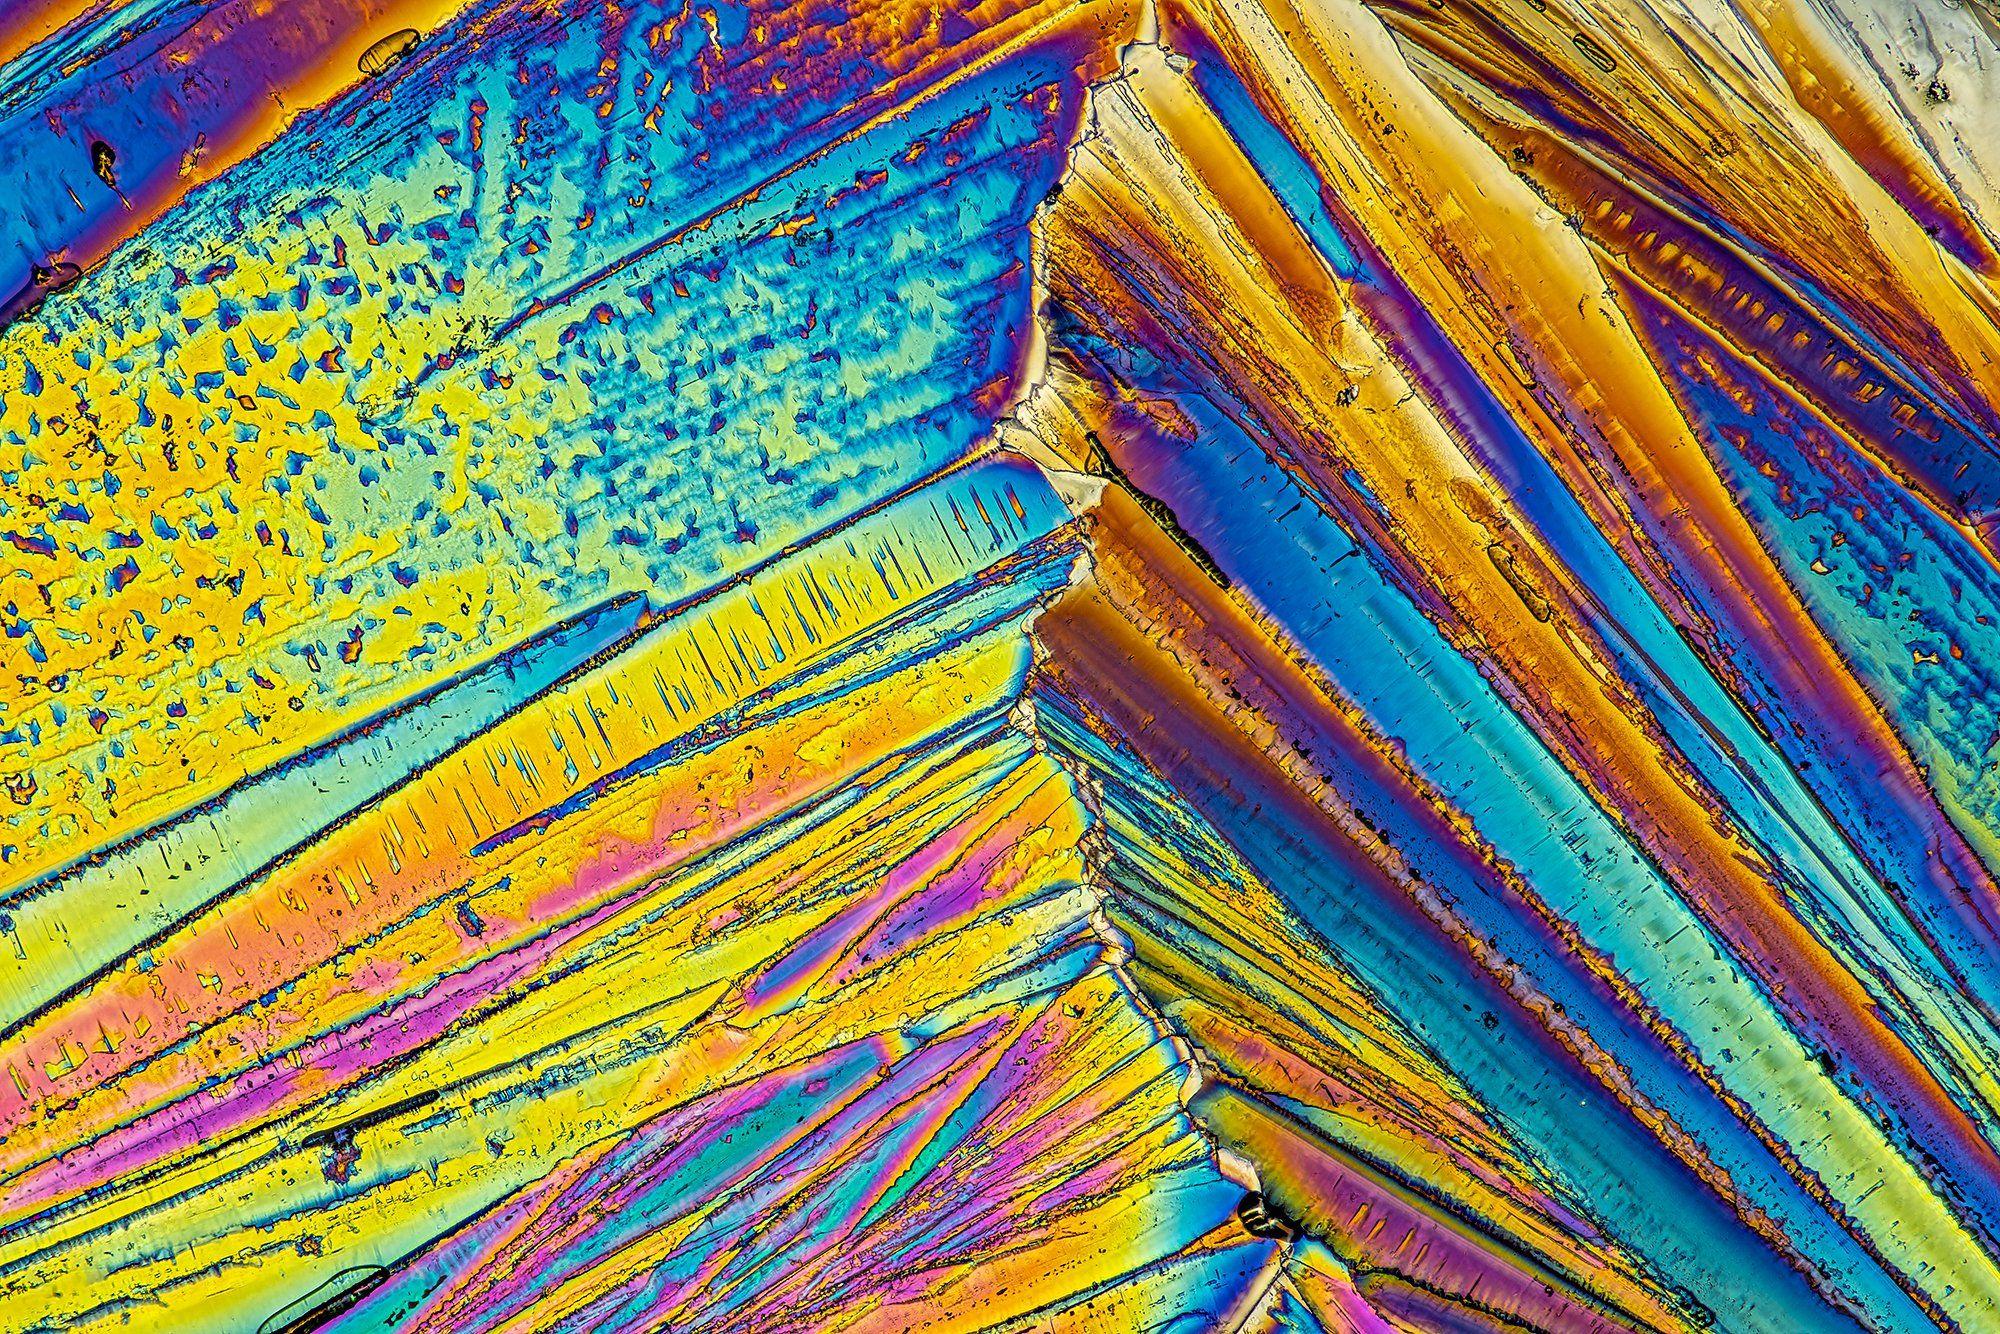 кристалл, crystals, макро, лимонная кислота, поляризованный свет, супермакро, macro, Борис Фотомания